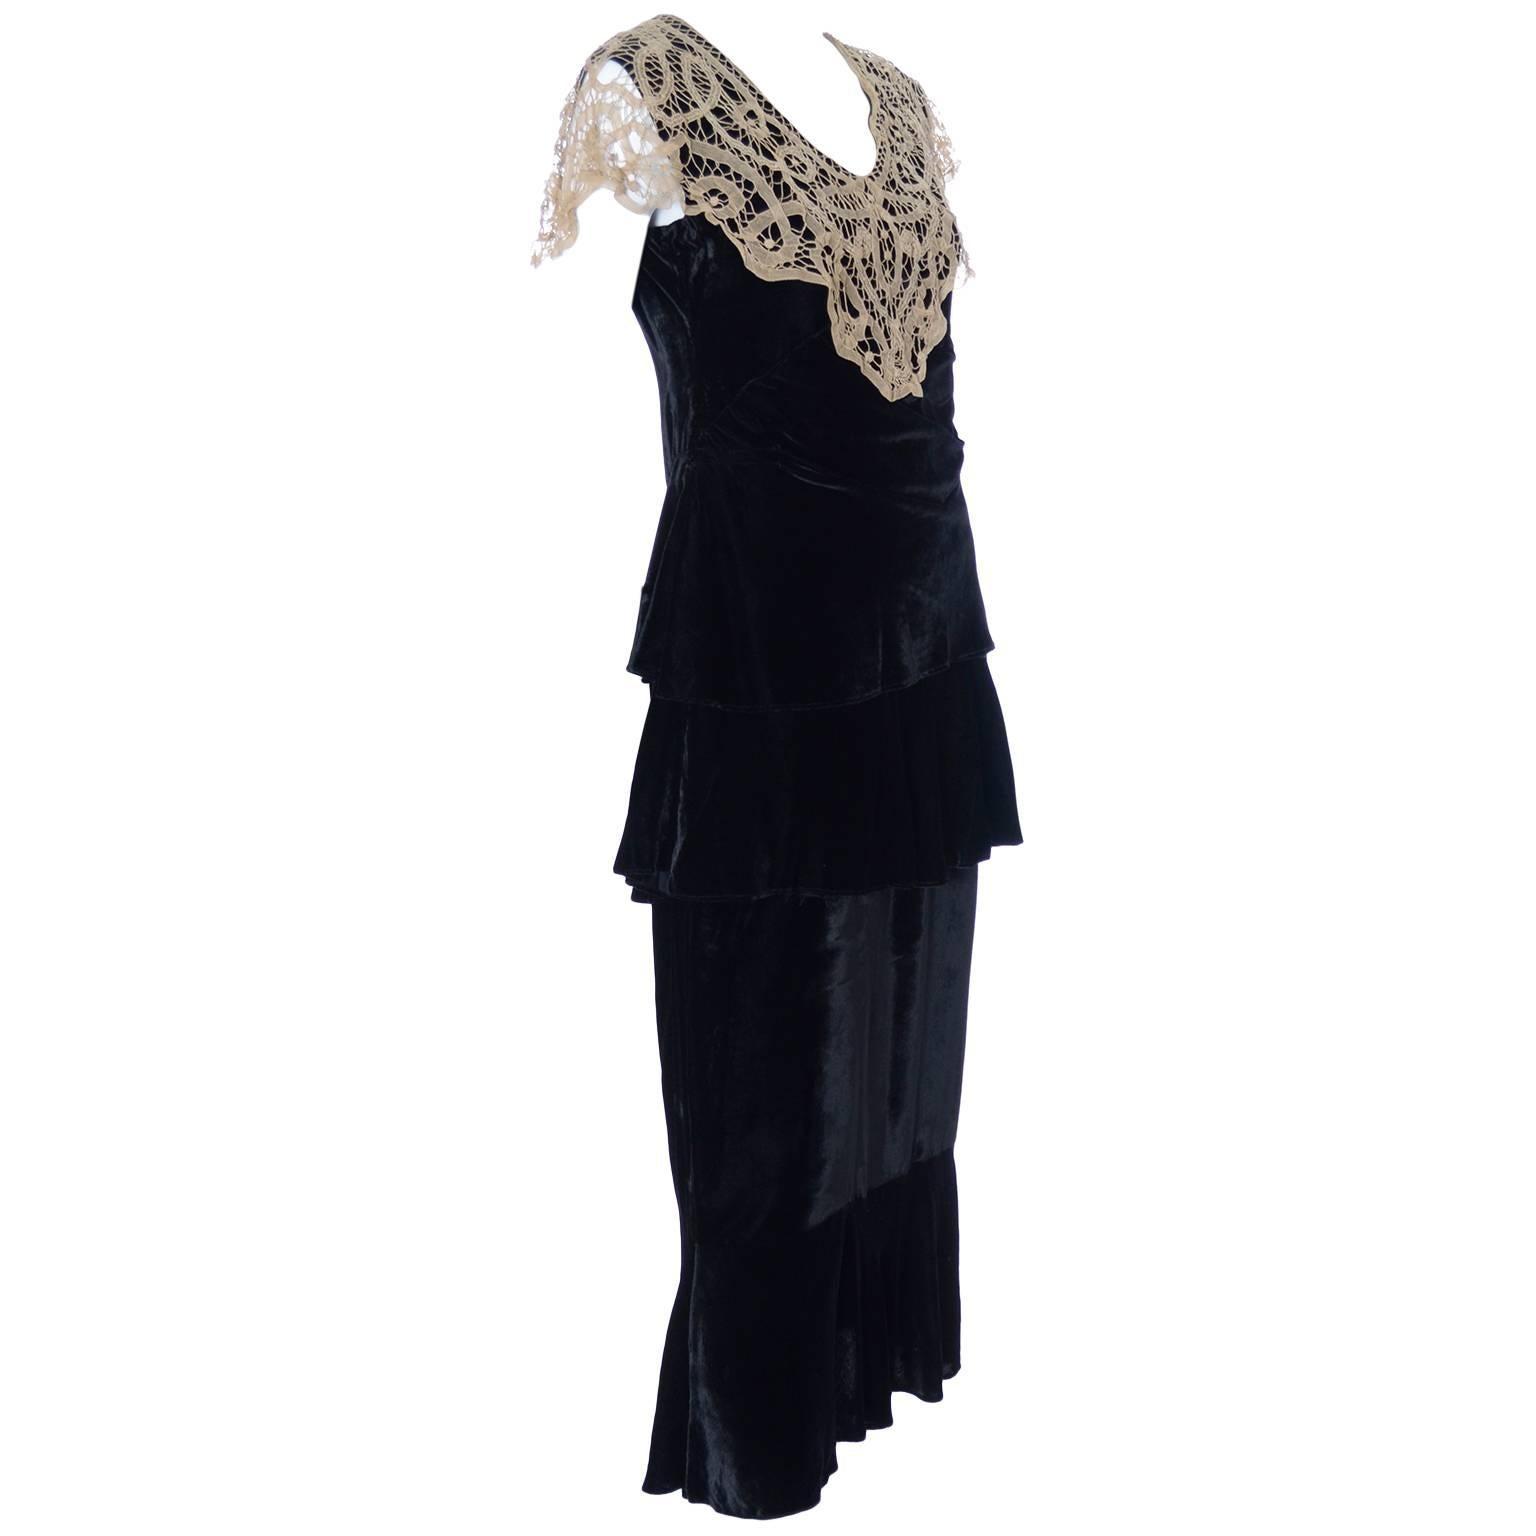 1920s Vintage Dress and Opera Coat Ensemble Suit Outfit Velvet Lace